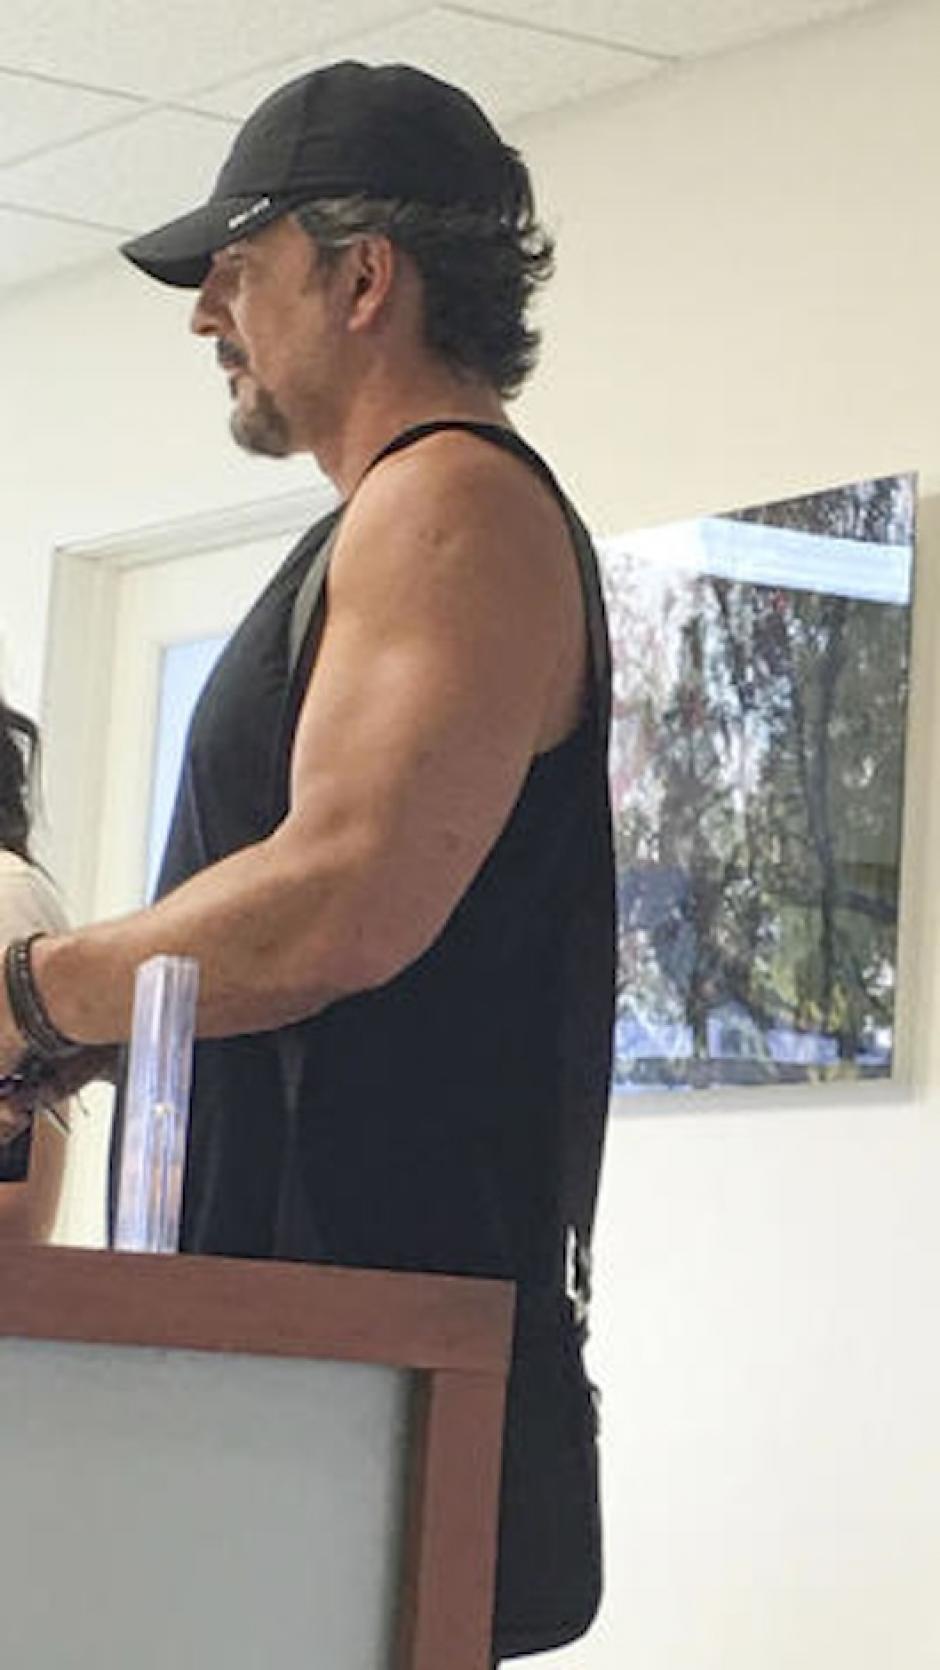 El intérprete de Nada es como tú asistió con una camisa sin mangas mostrando su cuerpazo. (Foto:Luis Guerra/The Grosby Group)